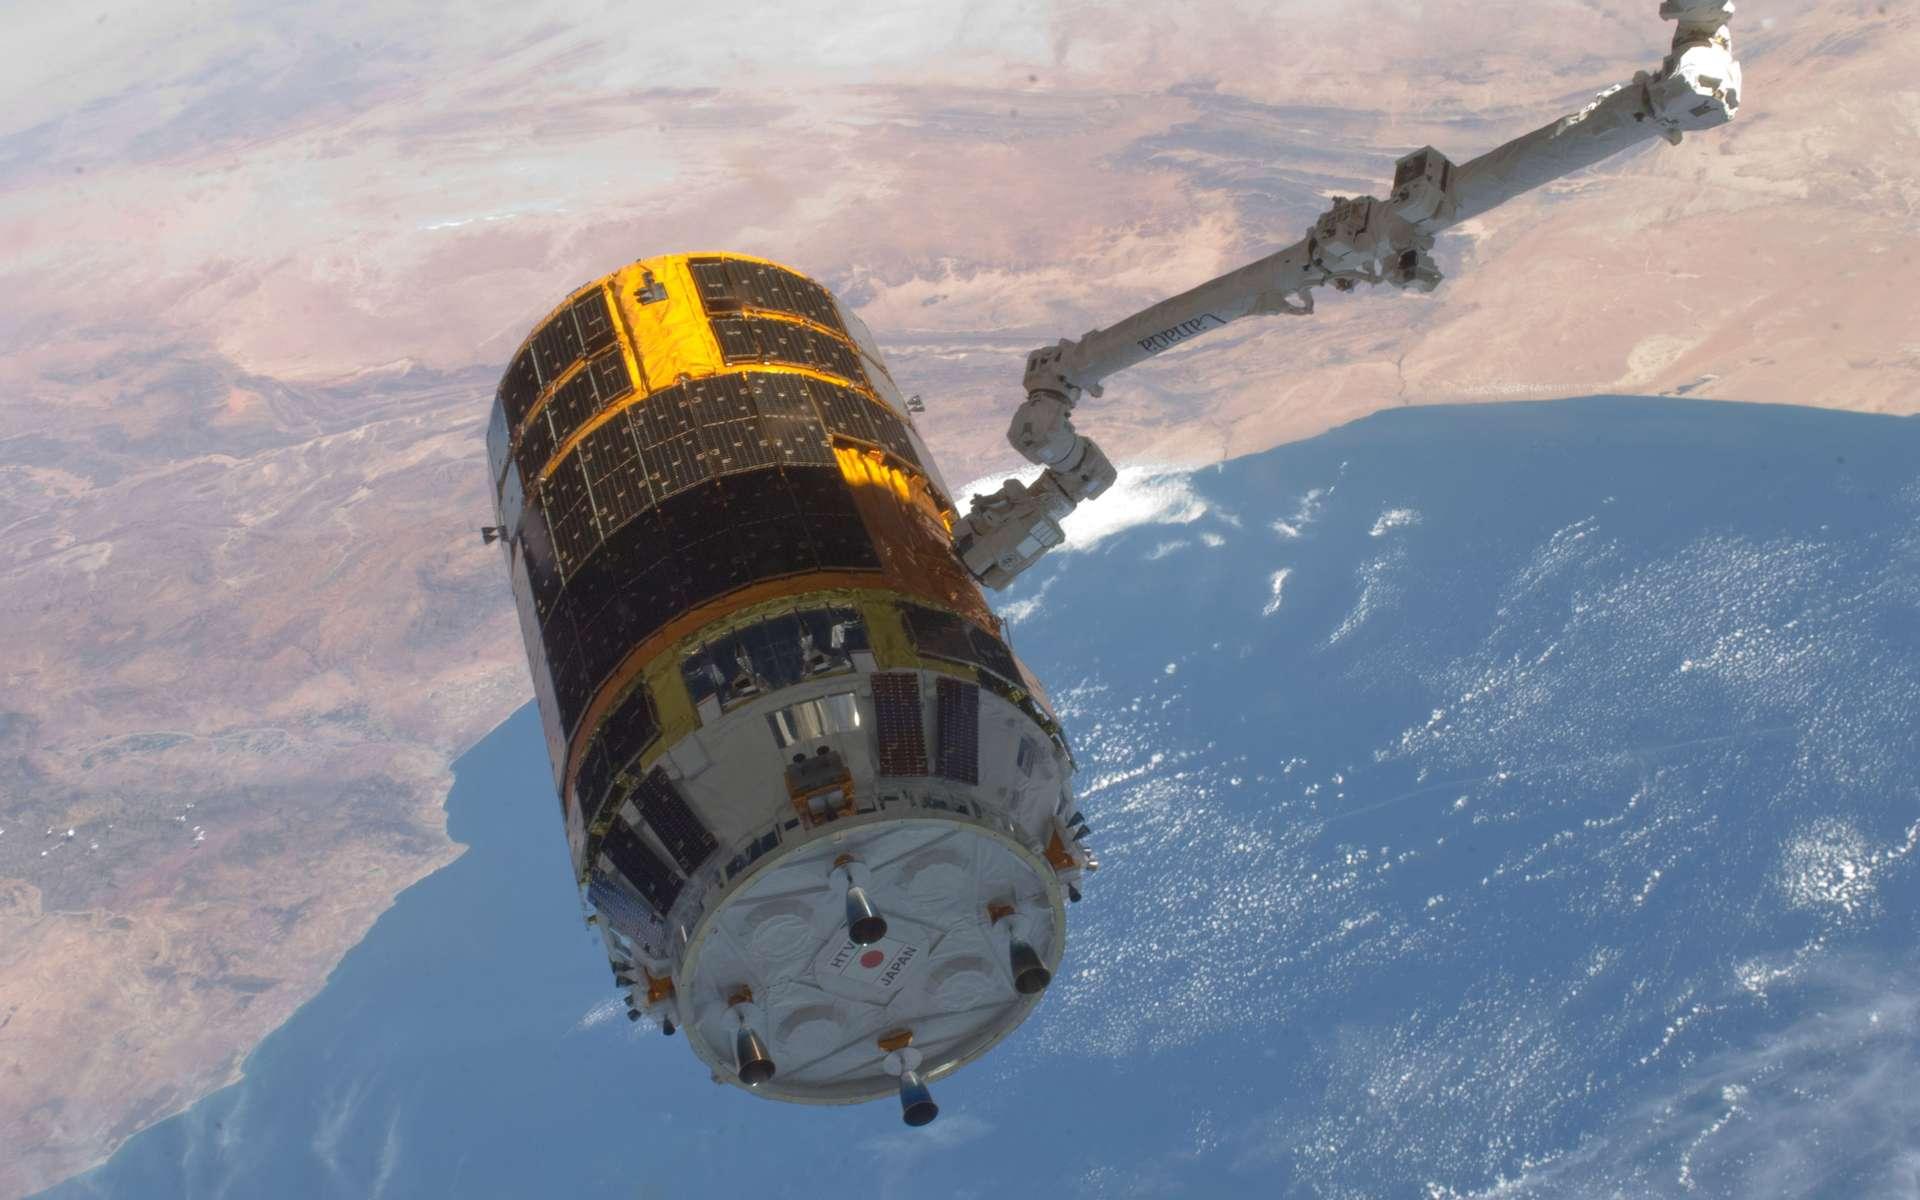 À la différence de l'ATV européen, le cargo spatial du Japon n'est pas autonome pour s'amarrer et se décrocher de la Station spatiale. Pour cela, il doit utiliser le bras robotique Canardarm2 de l'ISS, comme le montre cette photo réalisée le jour de la séparation de l'HTV-3. © Nasa